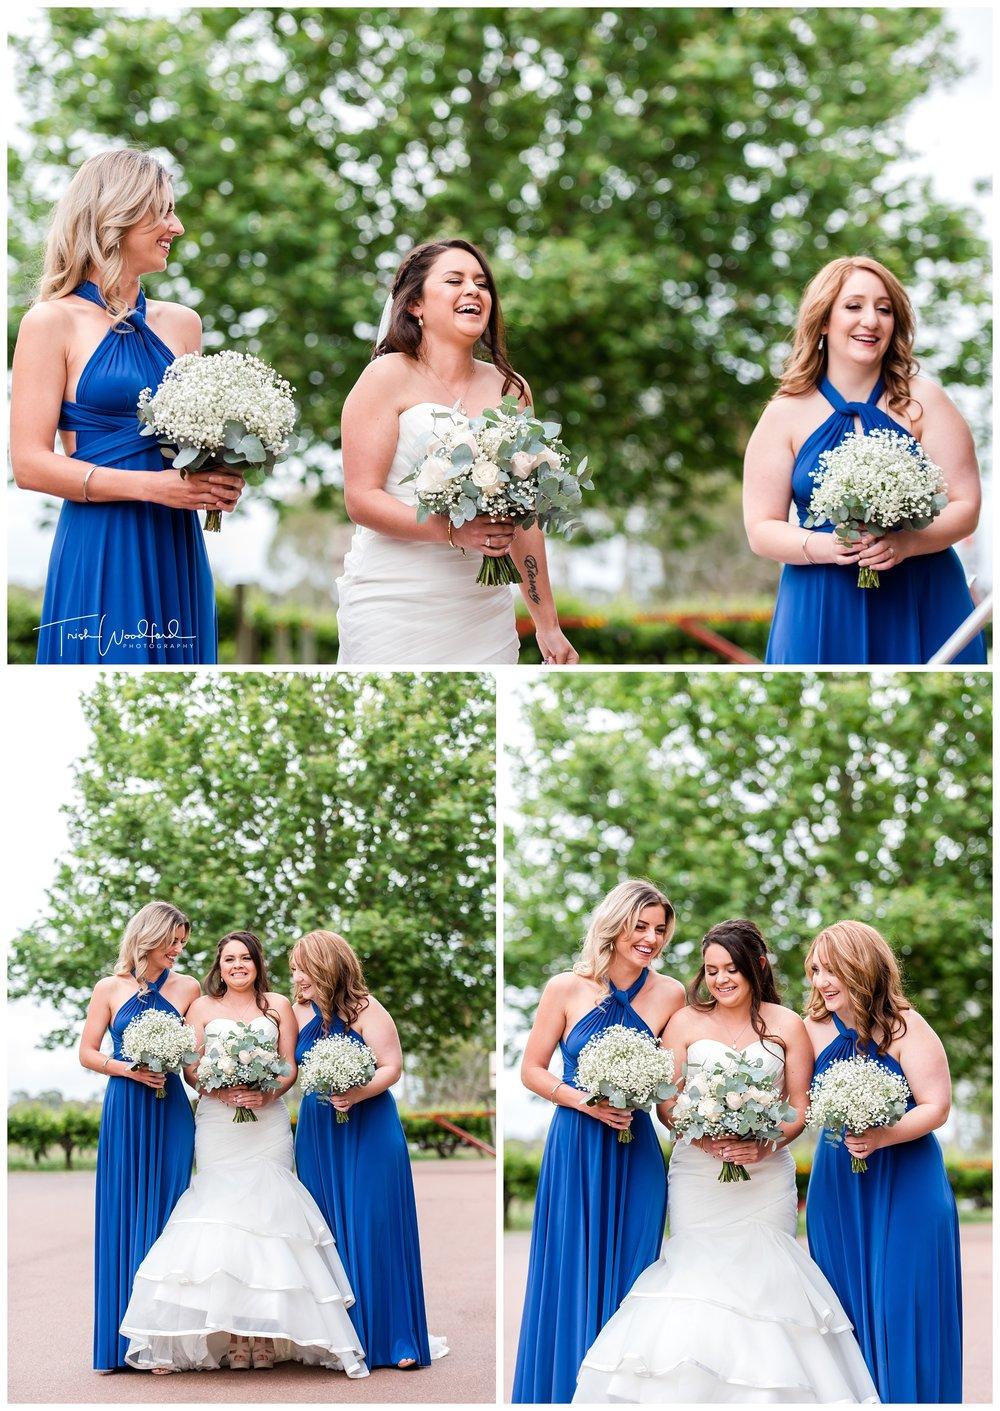 Sandalford Bride&Bridesmaids